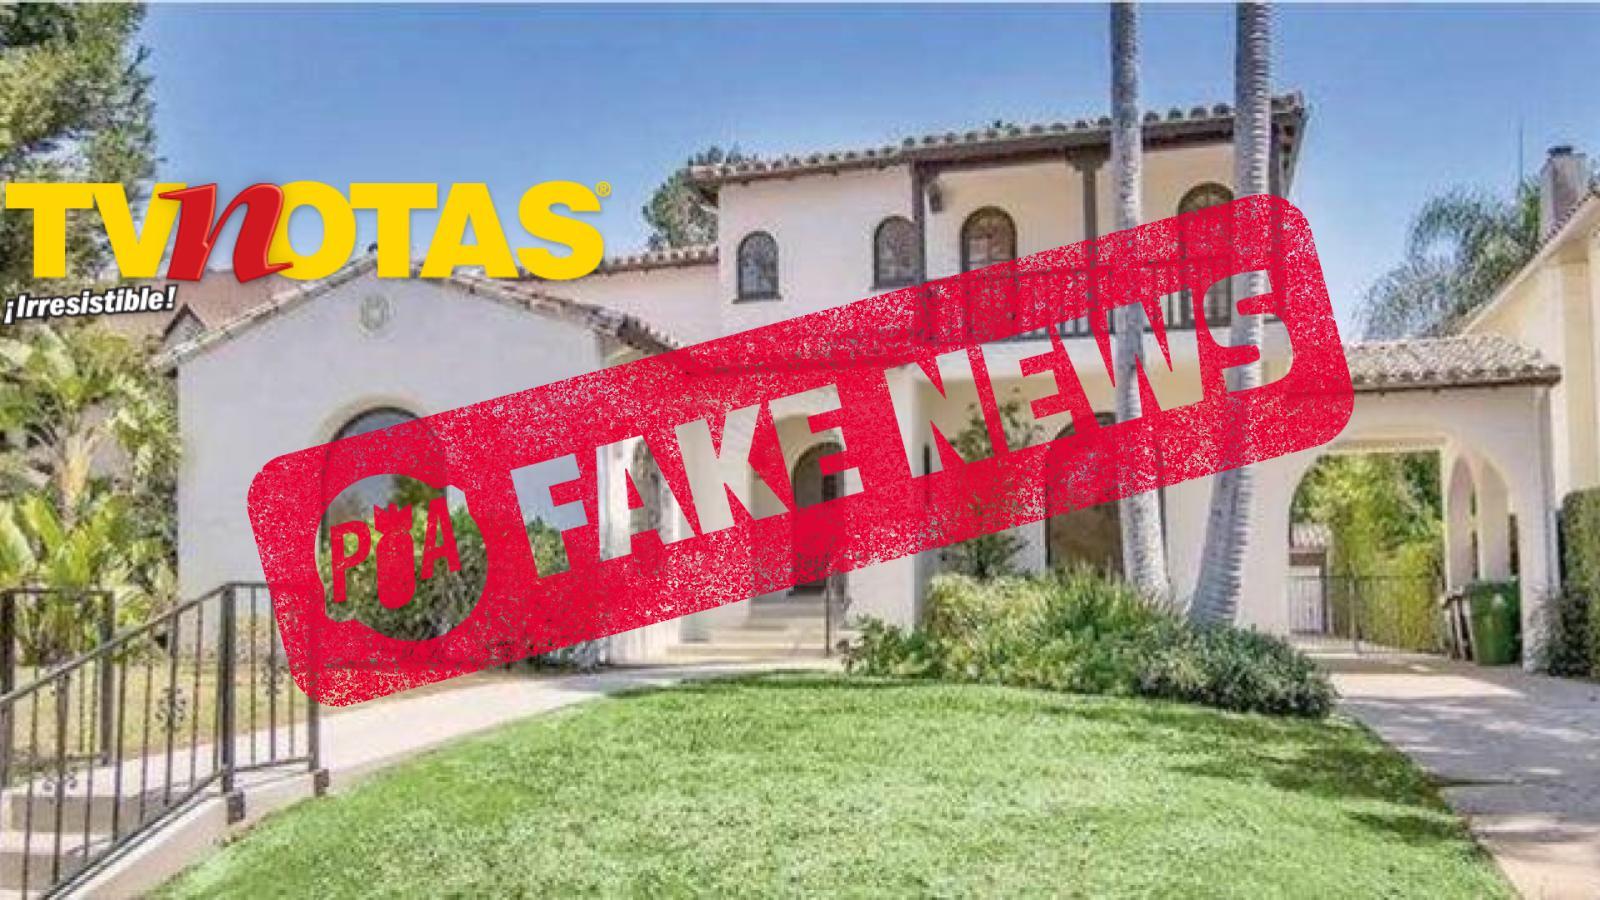 Falso que Angélica Rivera tenga Casa Blanca en LA